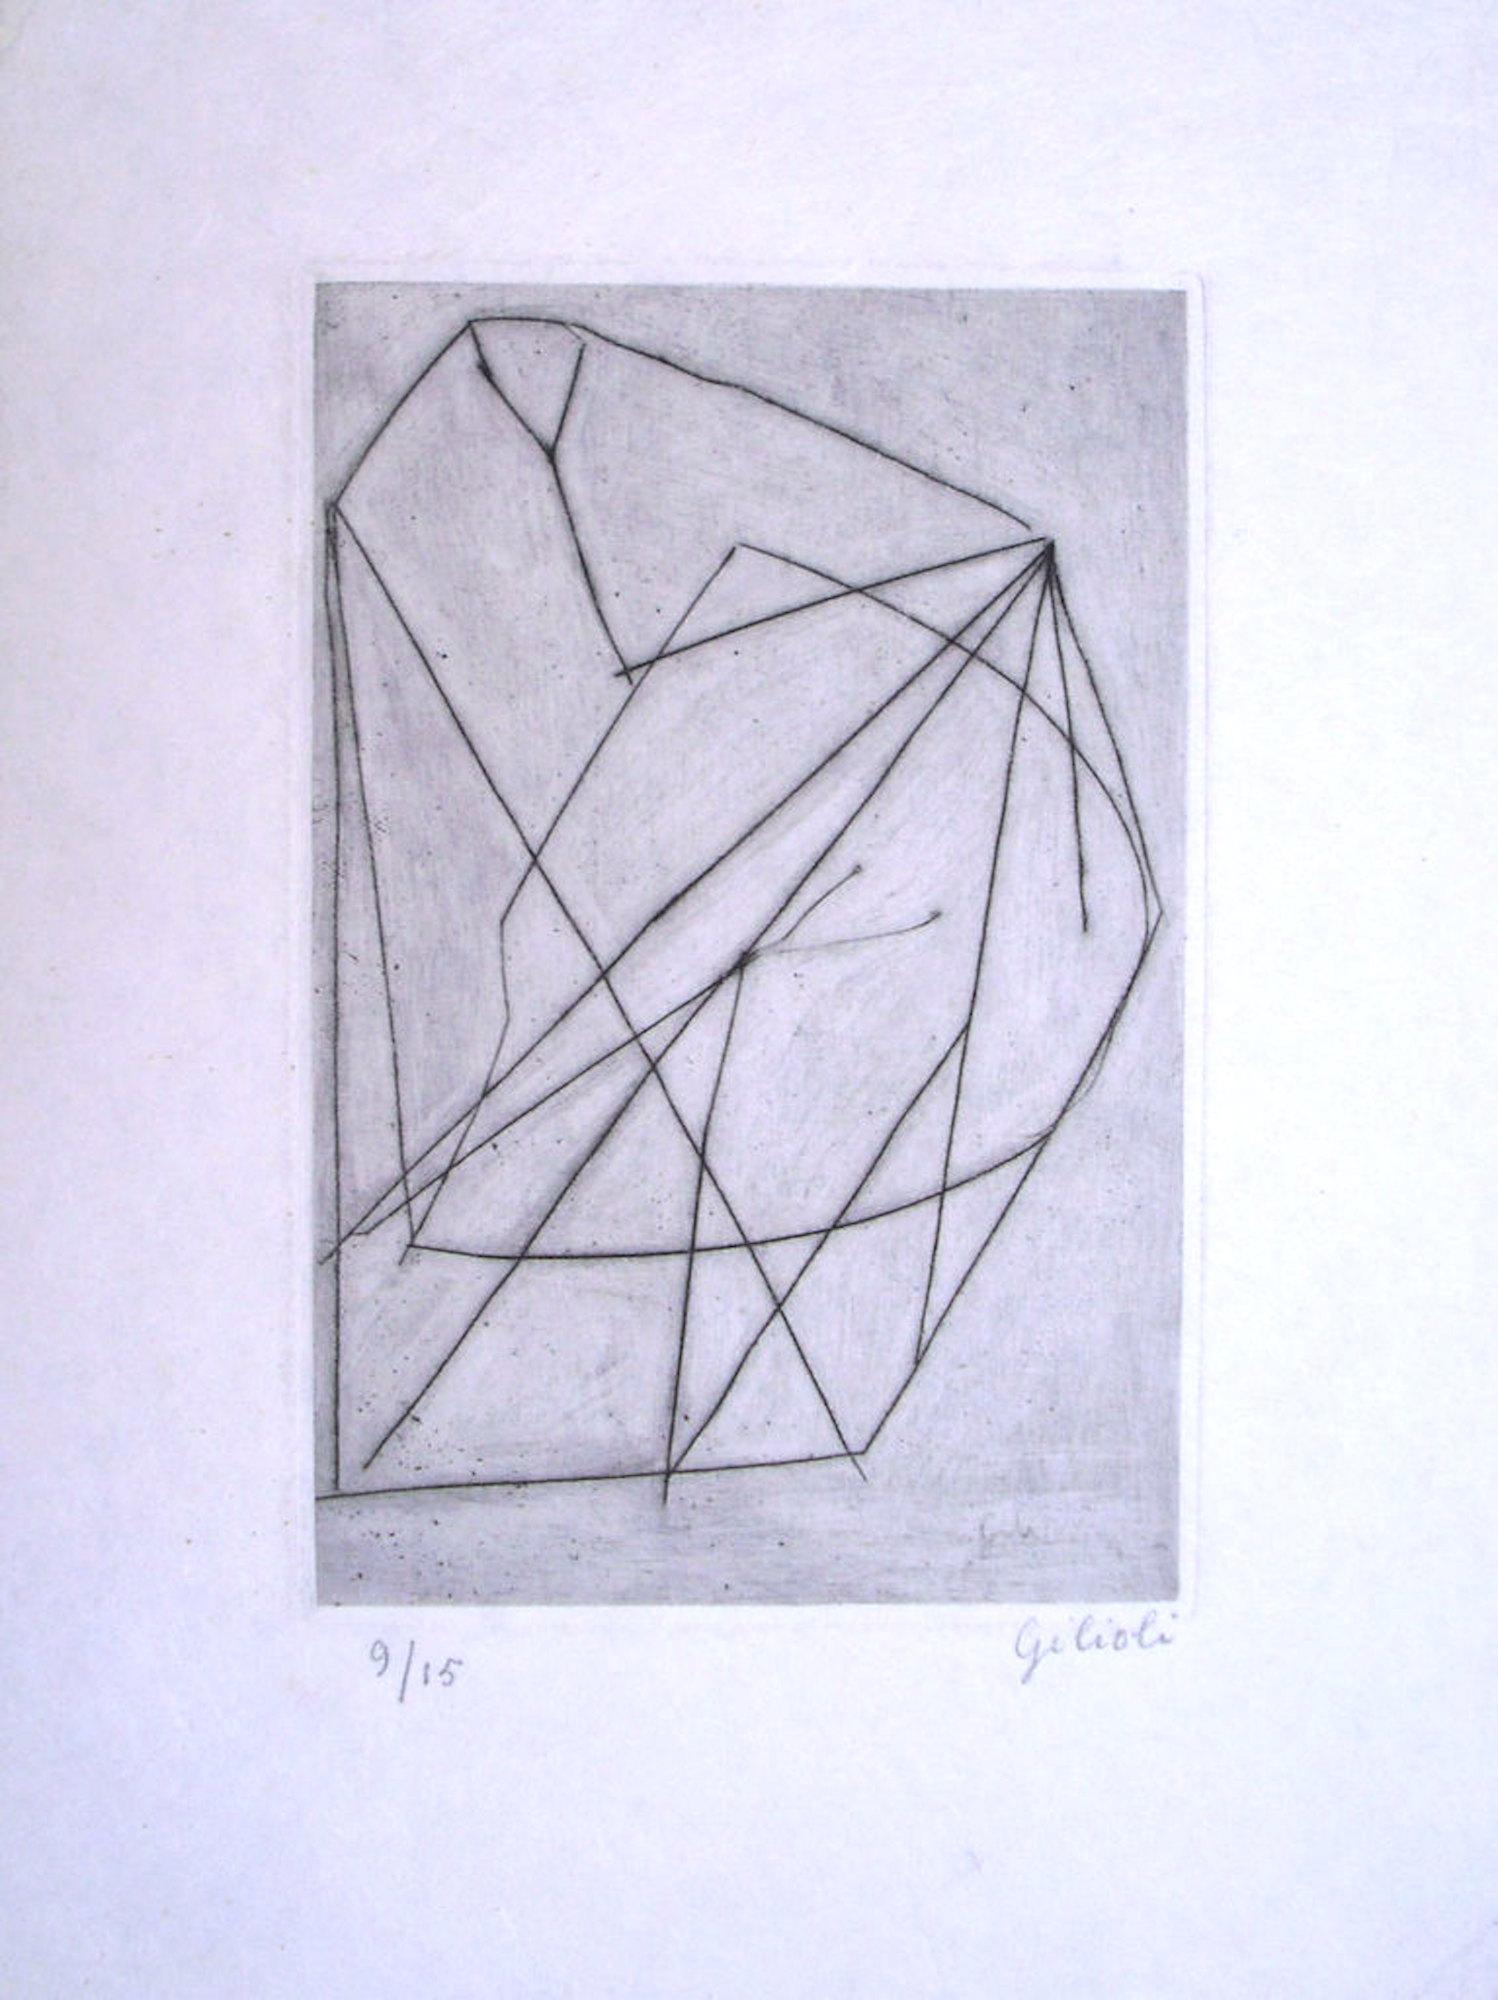 Untitled . Original Etching by Emile Gilioli - Mid 20th Century